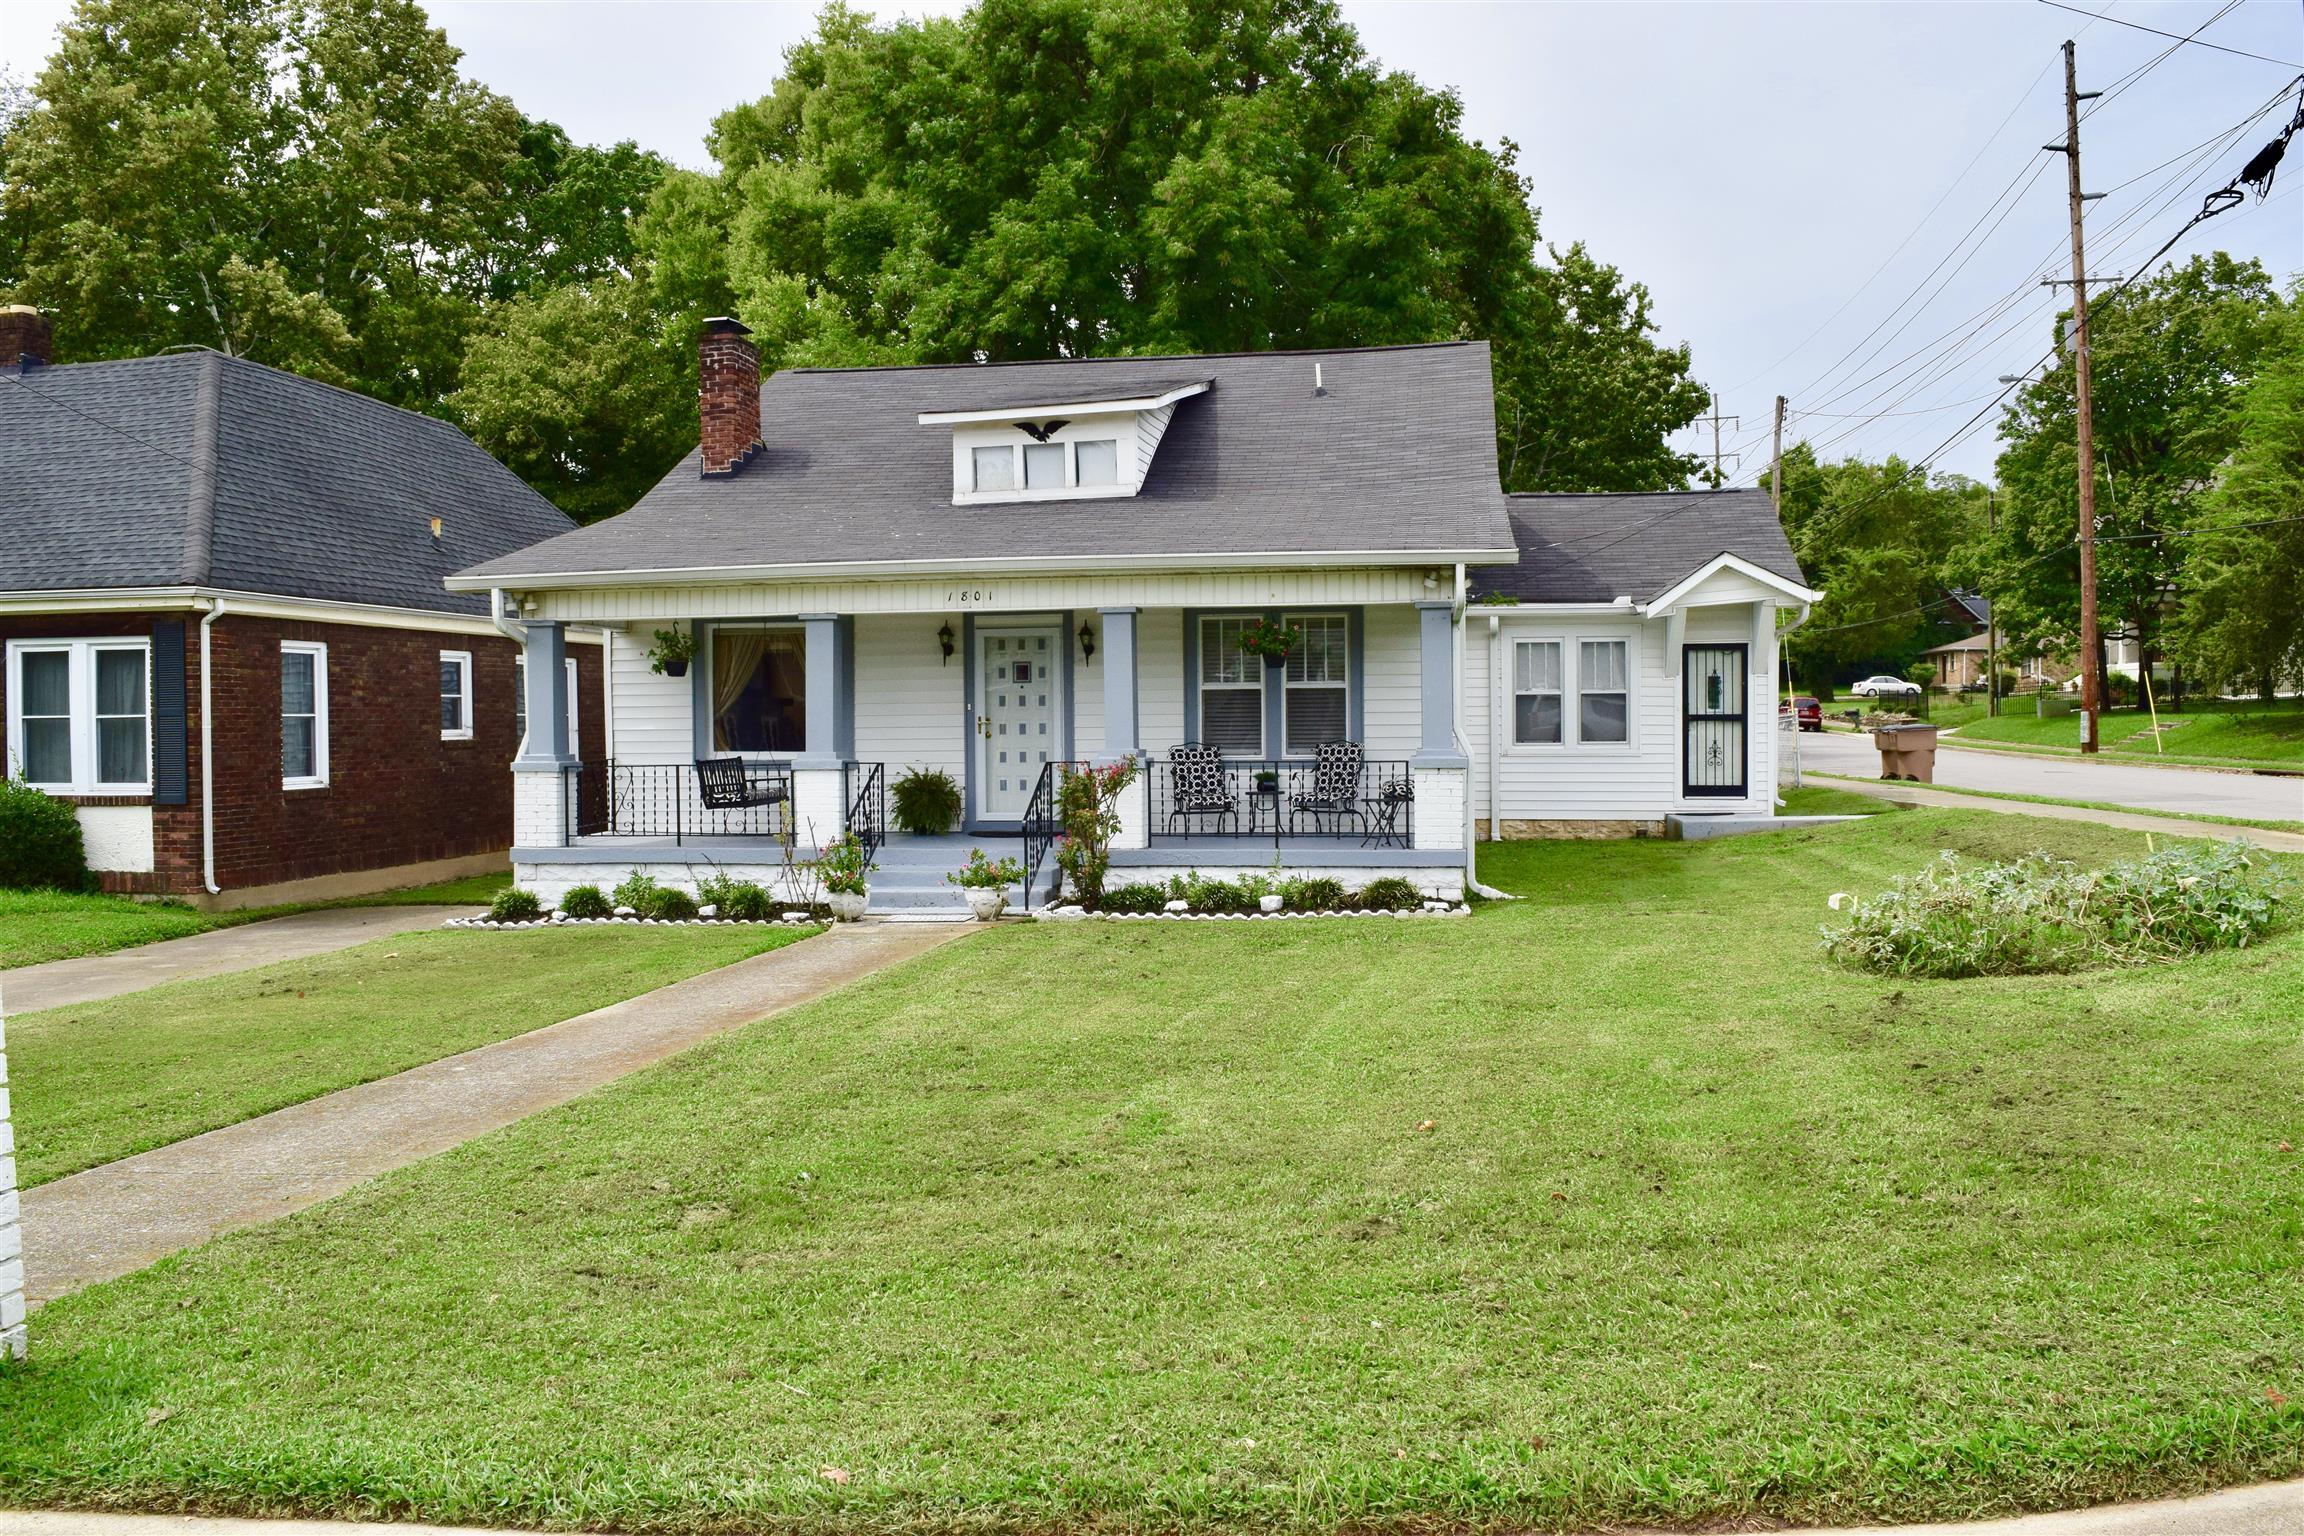 Photo of 1801 Beech Ave  Nashville  TN